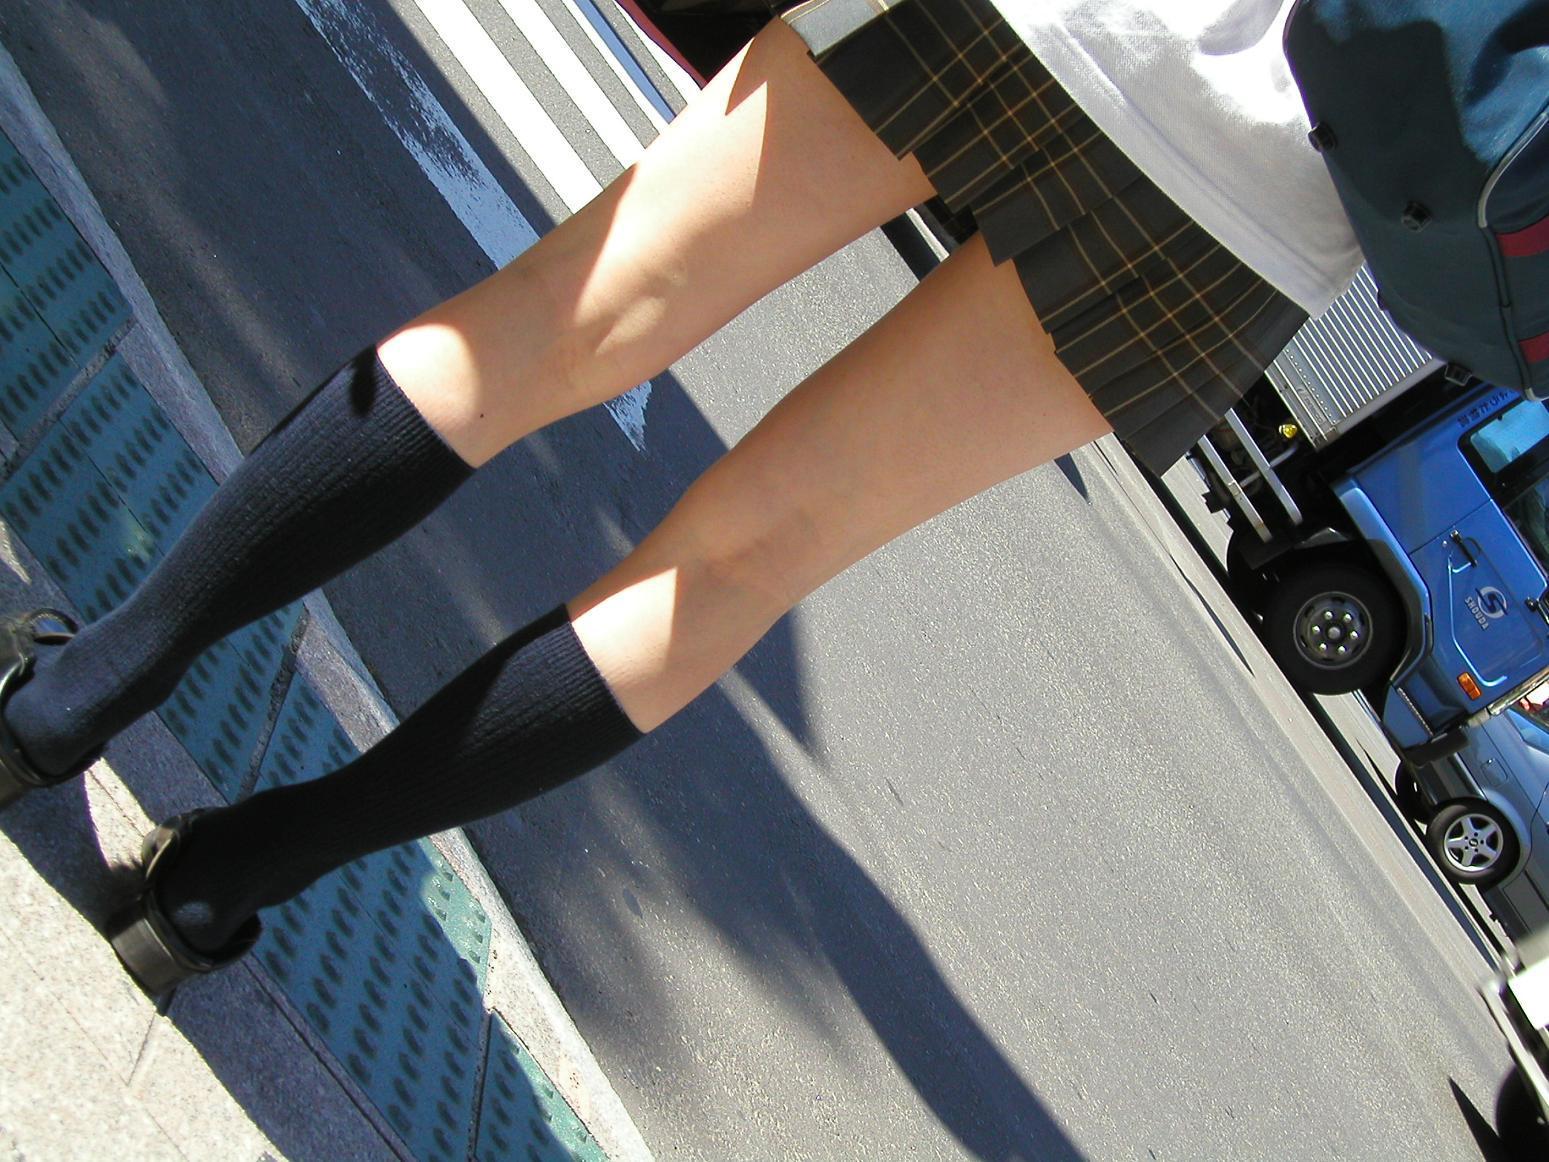 女子高生の綺麗な太もも街撮りwwwサワサワお触りしたいですwwww Ljqm7Rl 2